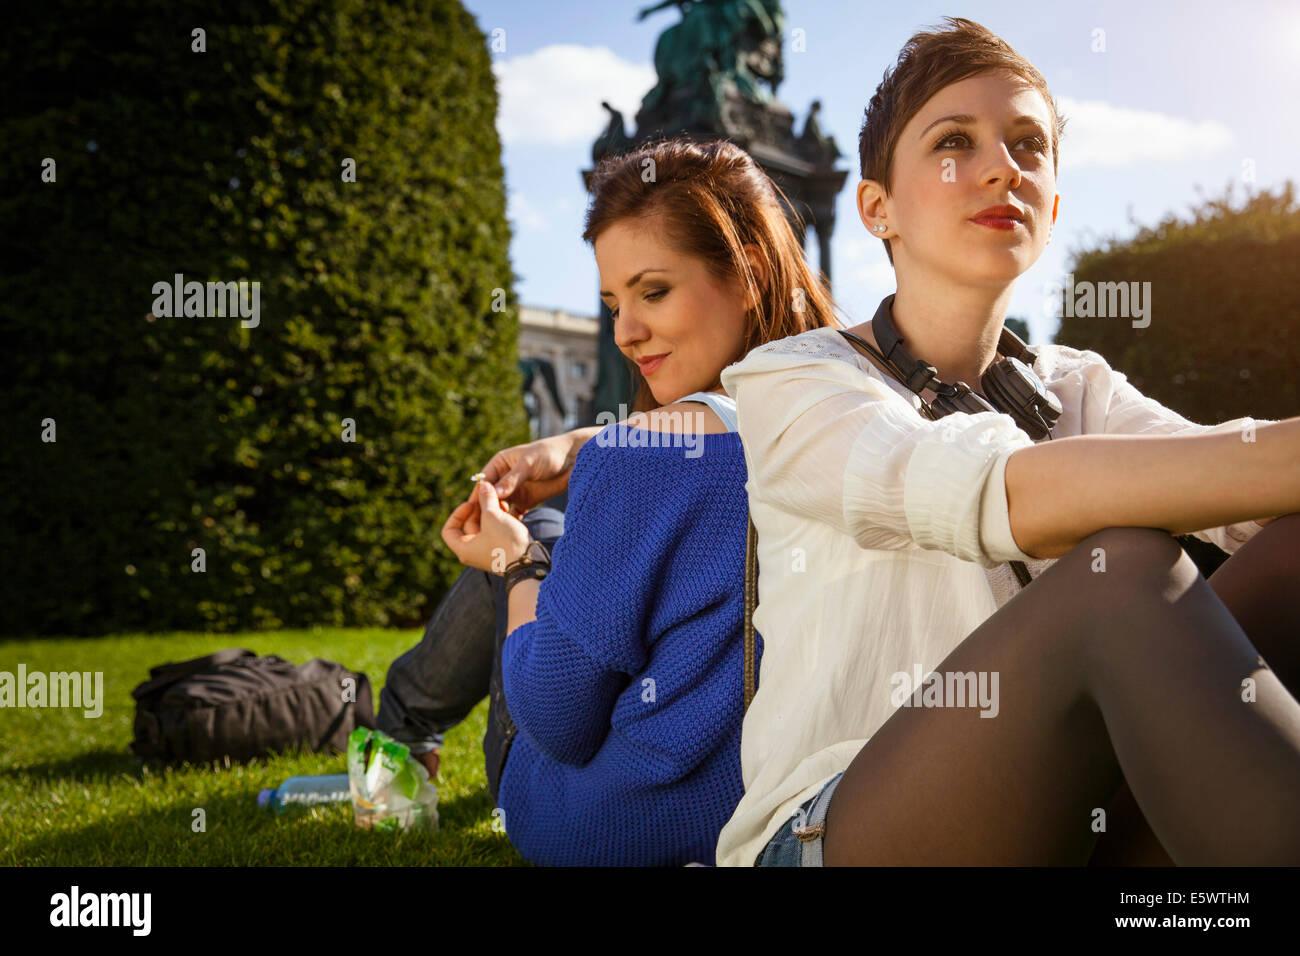 Due giovani donne adulte seduta di schiena in posizione di parcheggio Immagini Stock